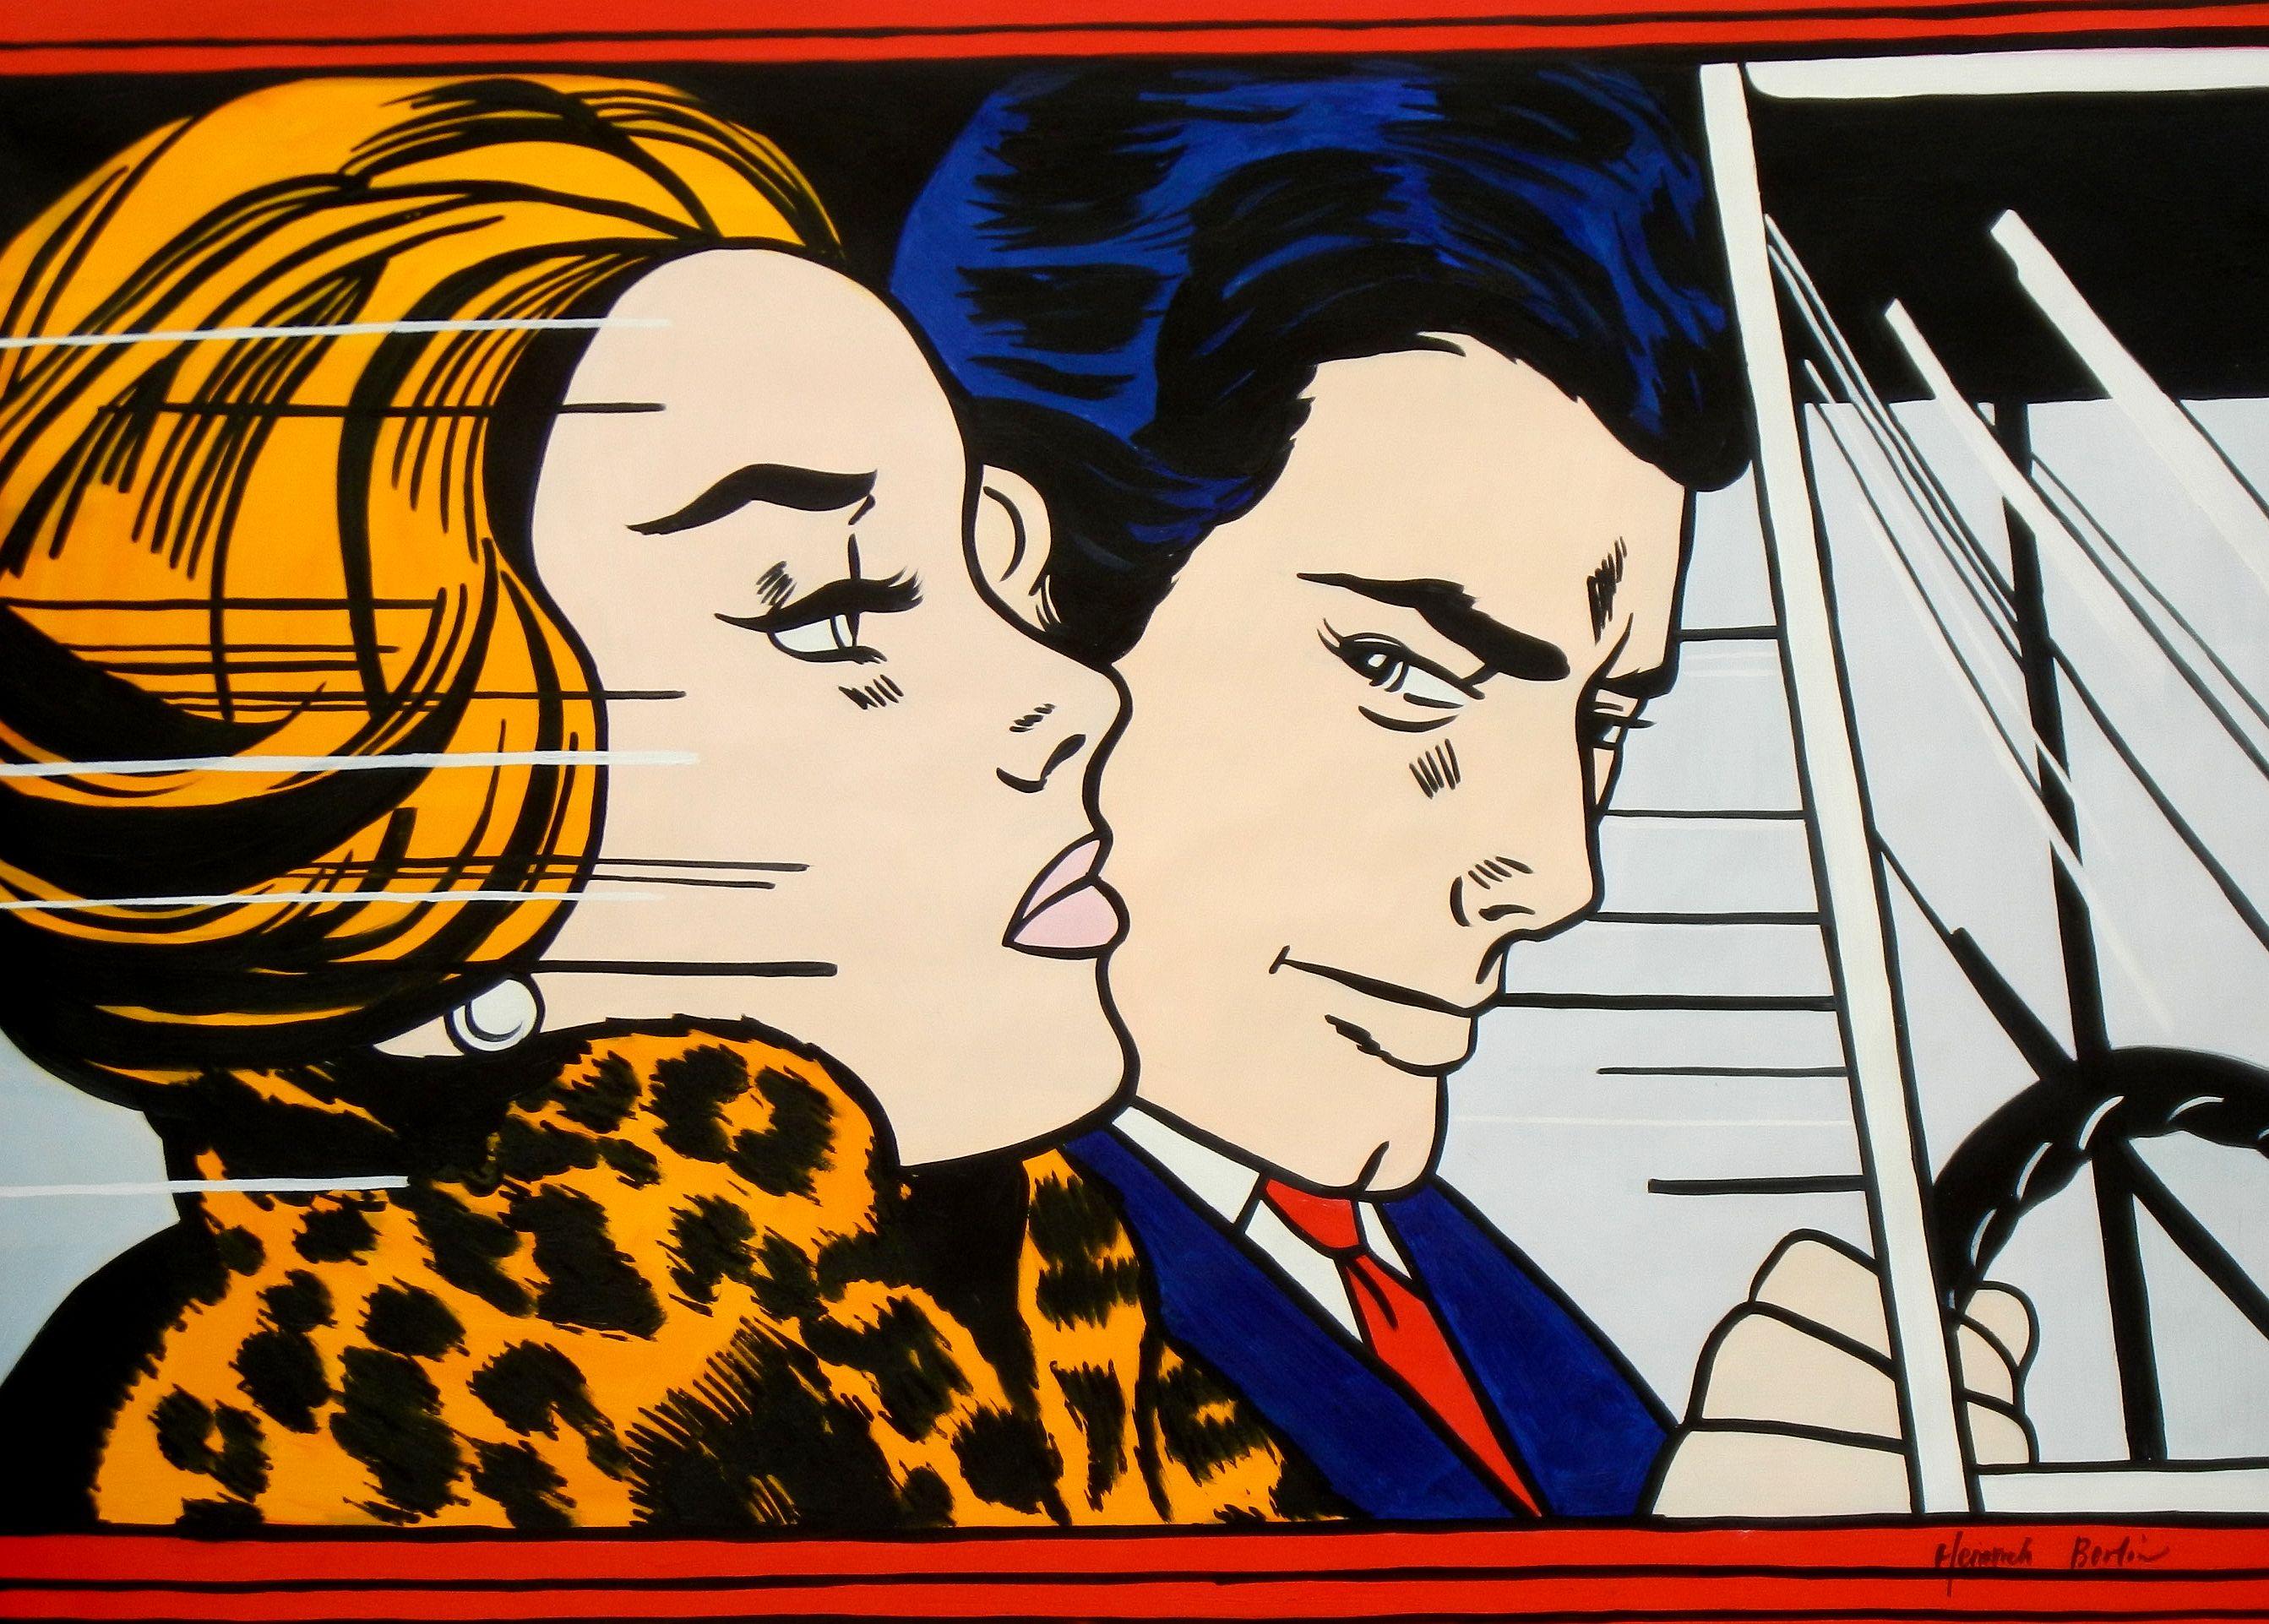 Homage to Roy Lichtenstein - In the car i94989 80x110cm modernes Ölgemälde